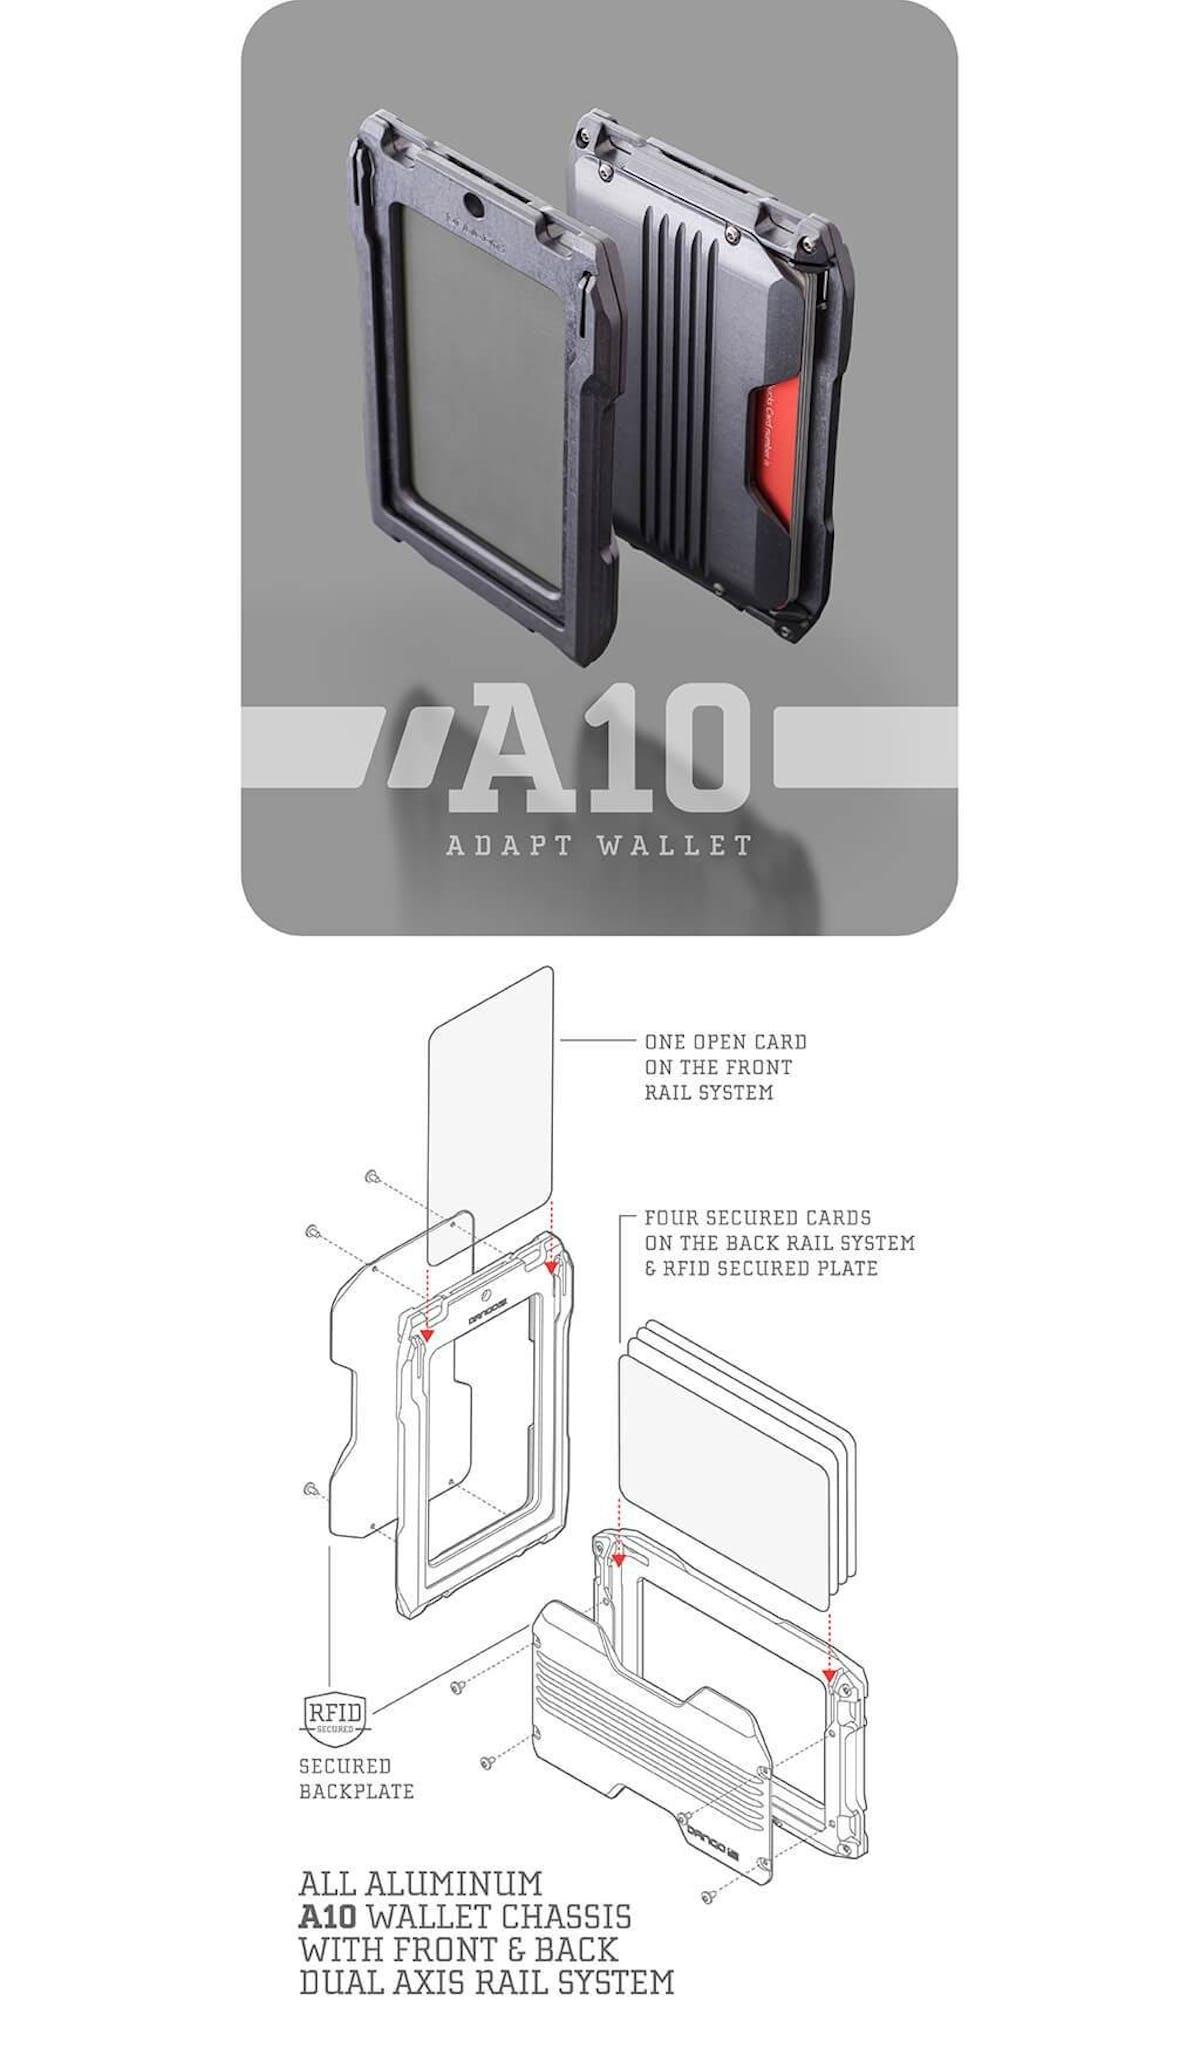 A10 Adapt Wallet